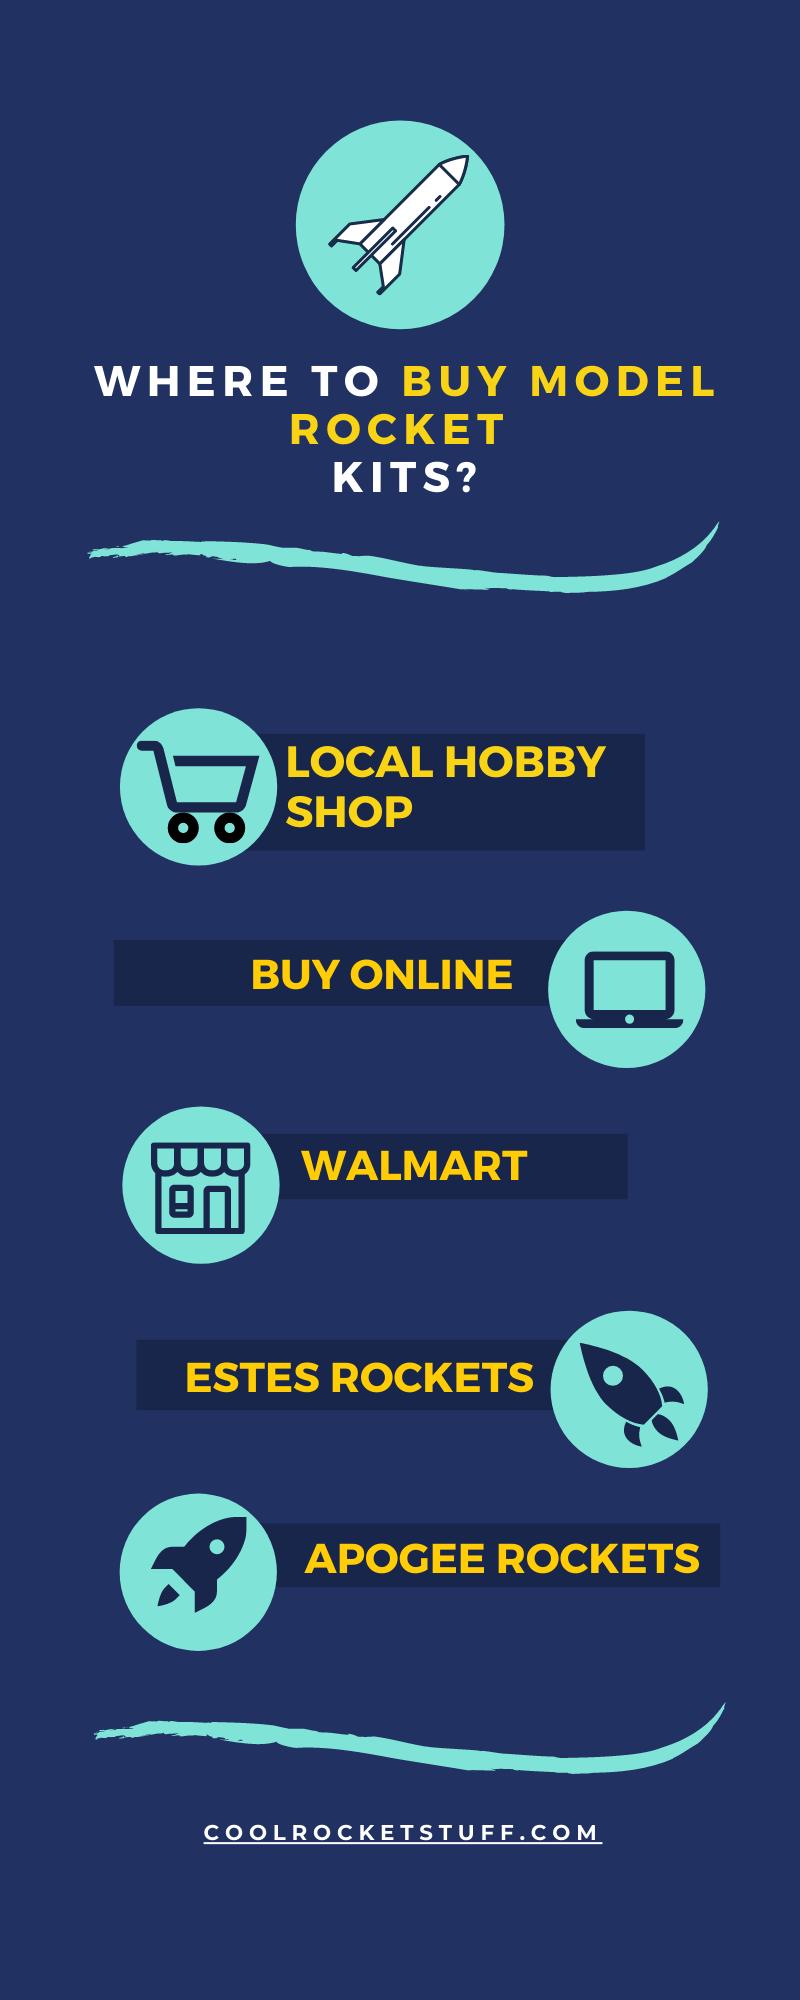 Where To Buy Model Rocket Kits